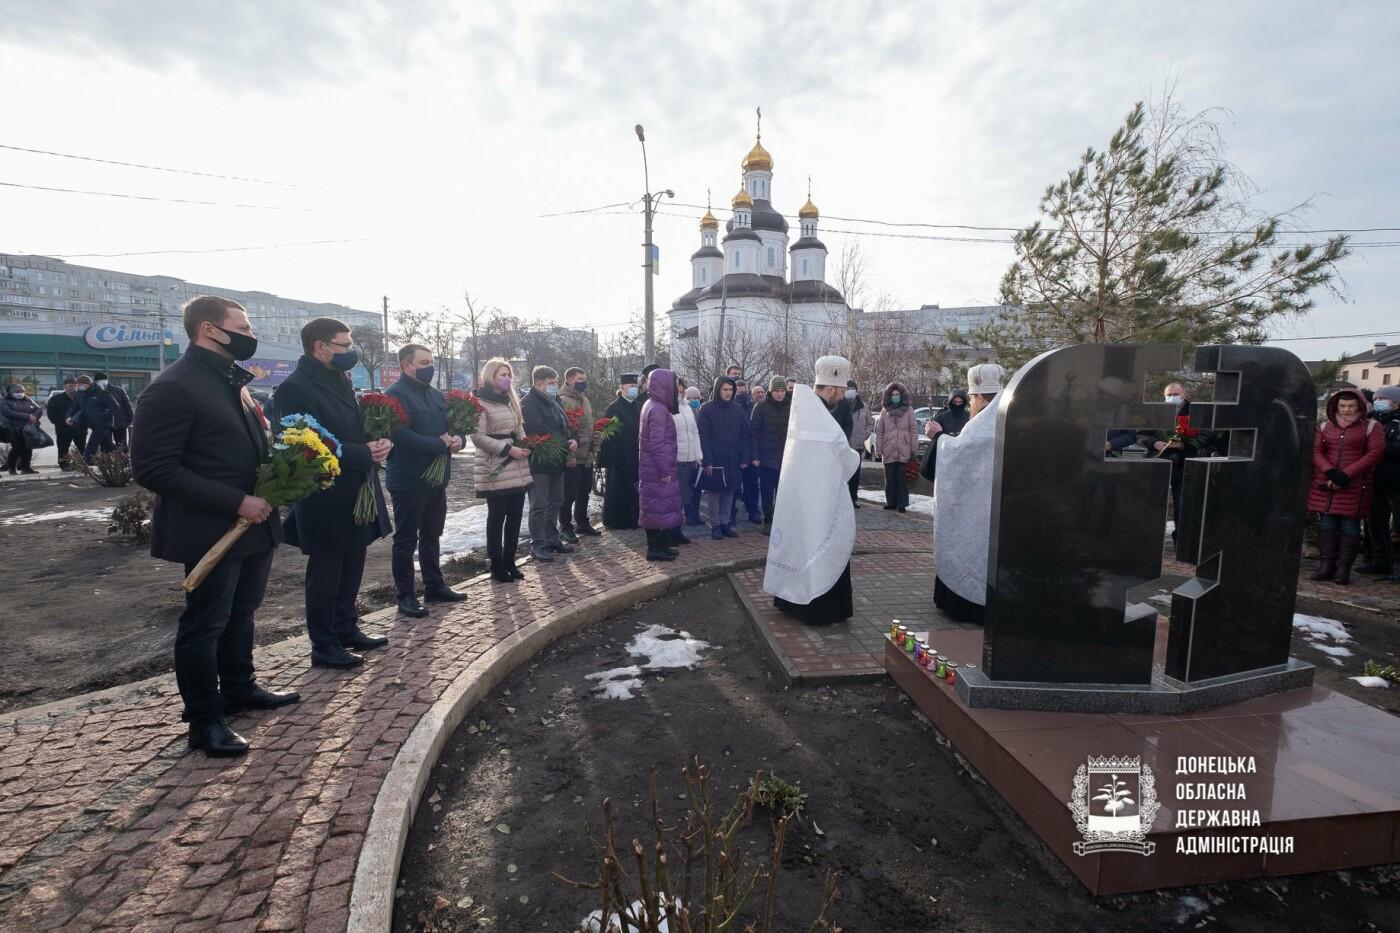 Шесть лет назад российские «Грады» обстреляли жилой квартал Мариуполя: погибли 29 мирных жителей, - ФОТО, фото-4